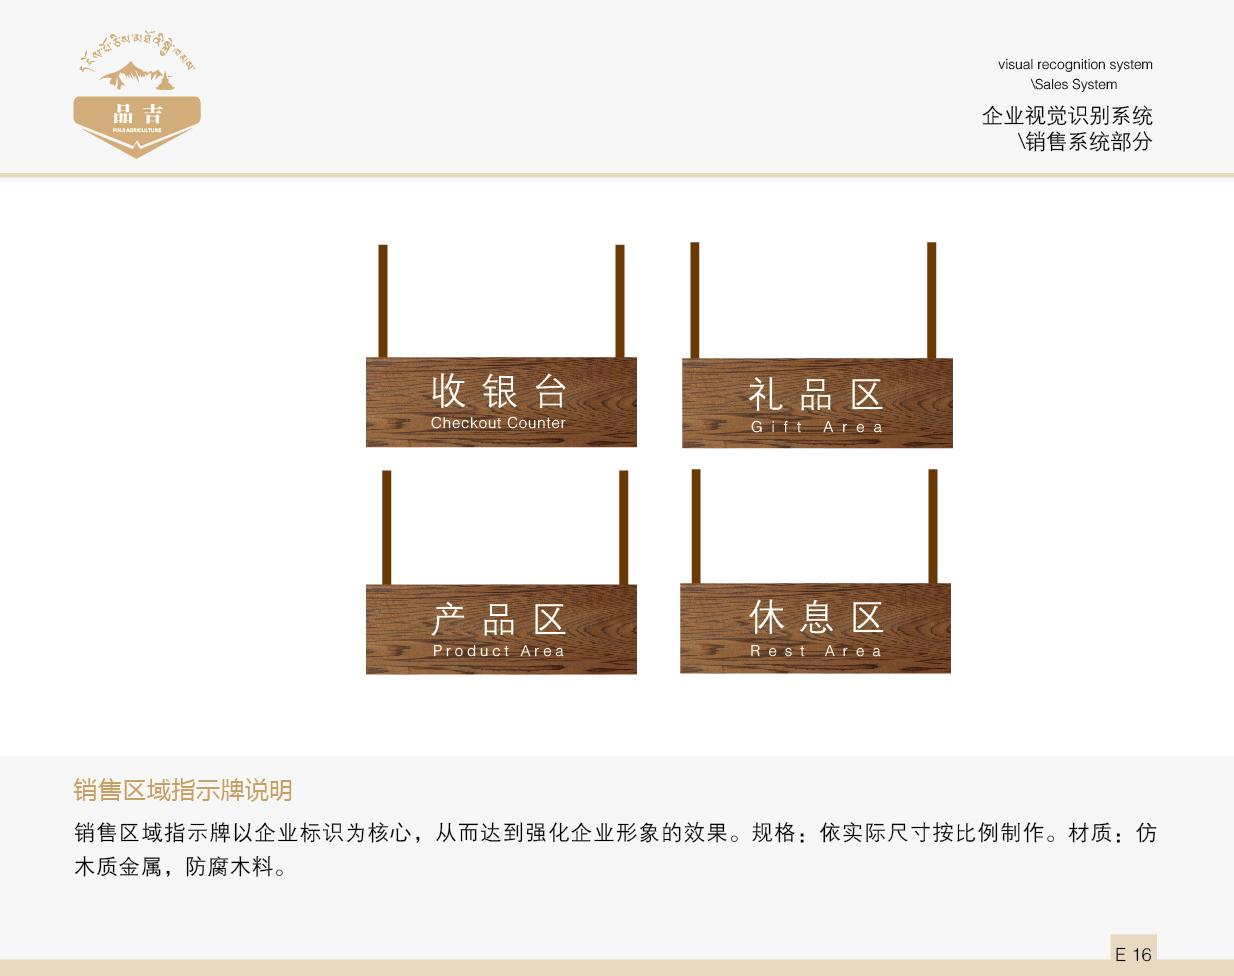 品吉农业VI 销售系统部分  客户资料  第17张